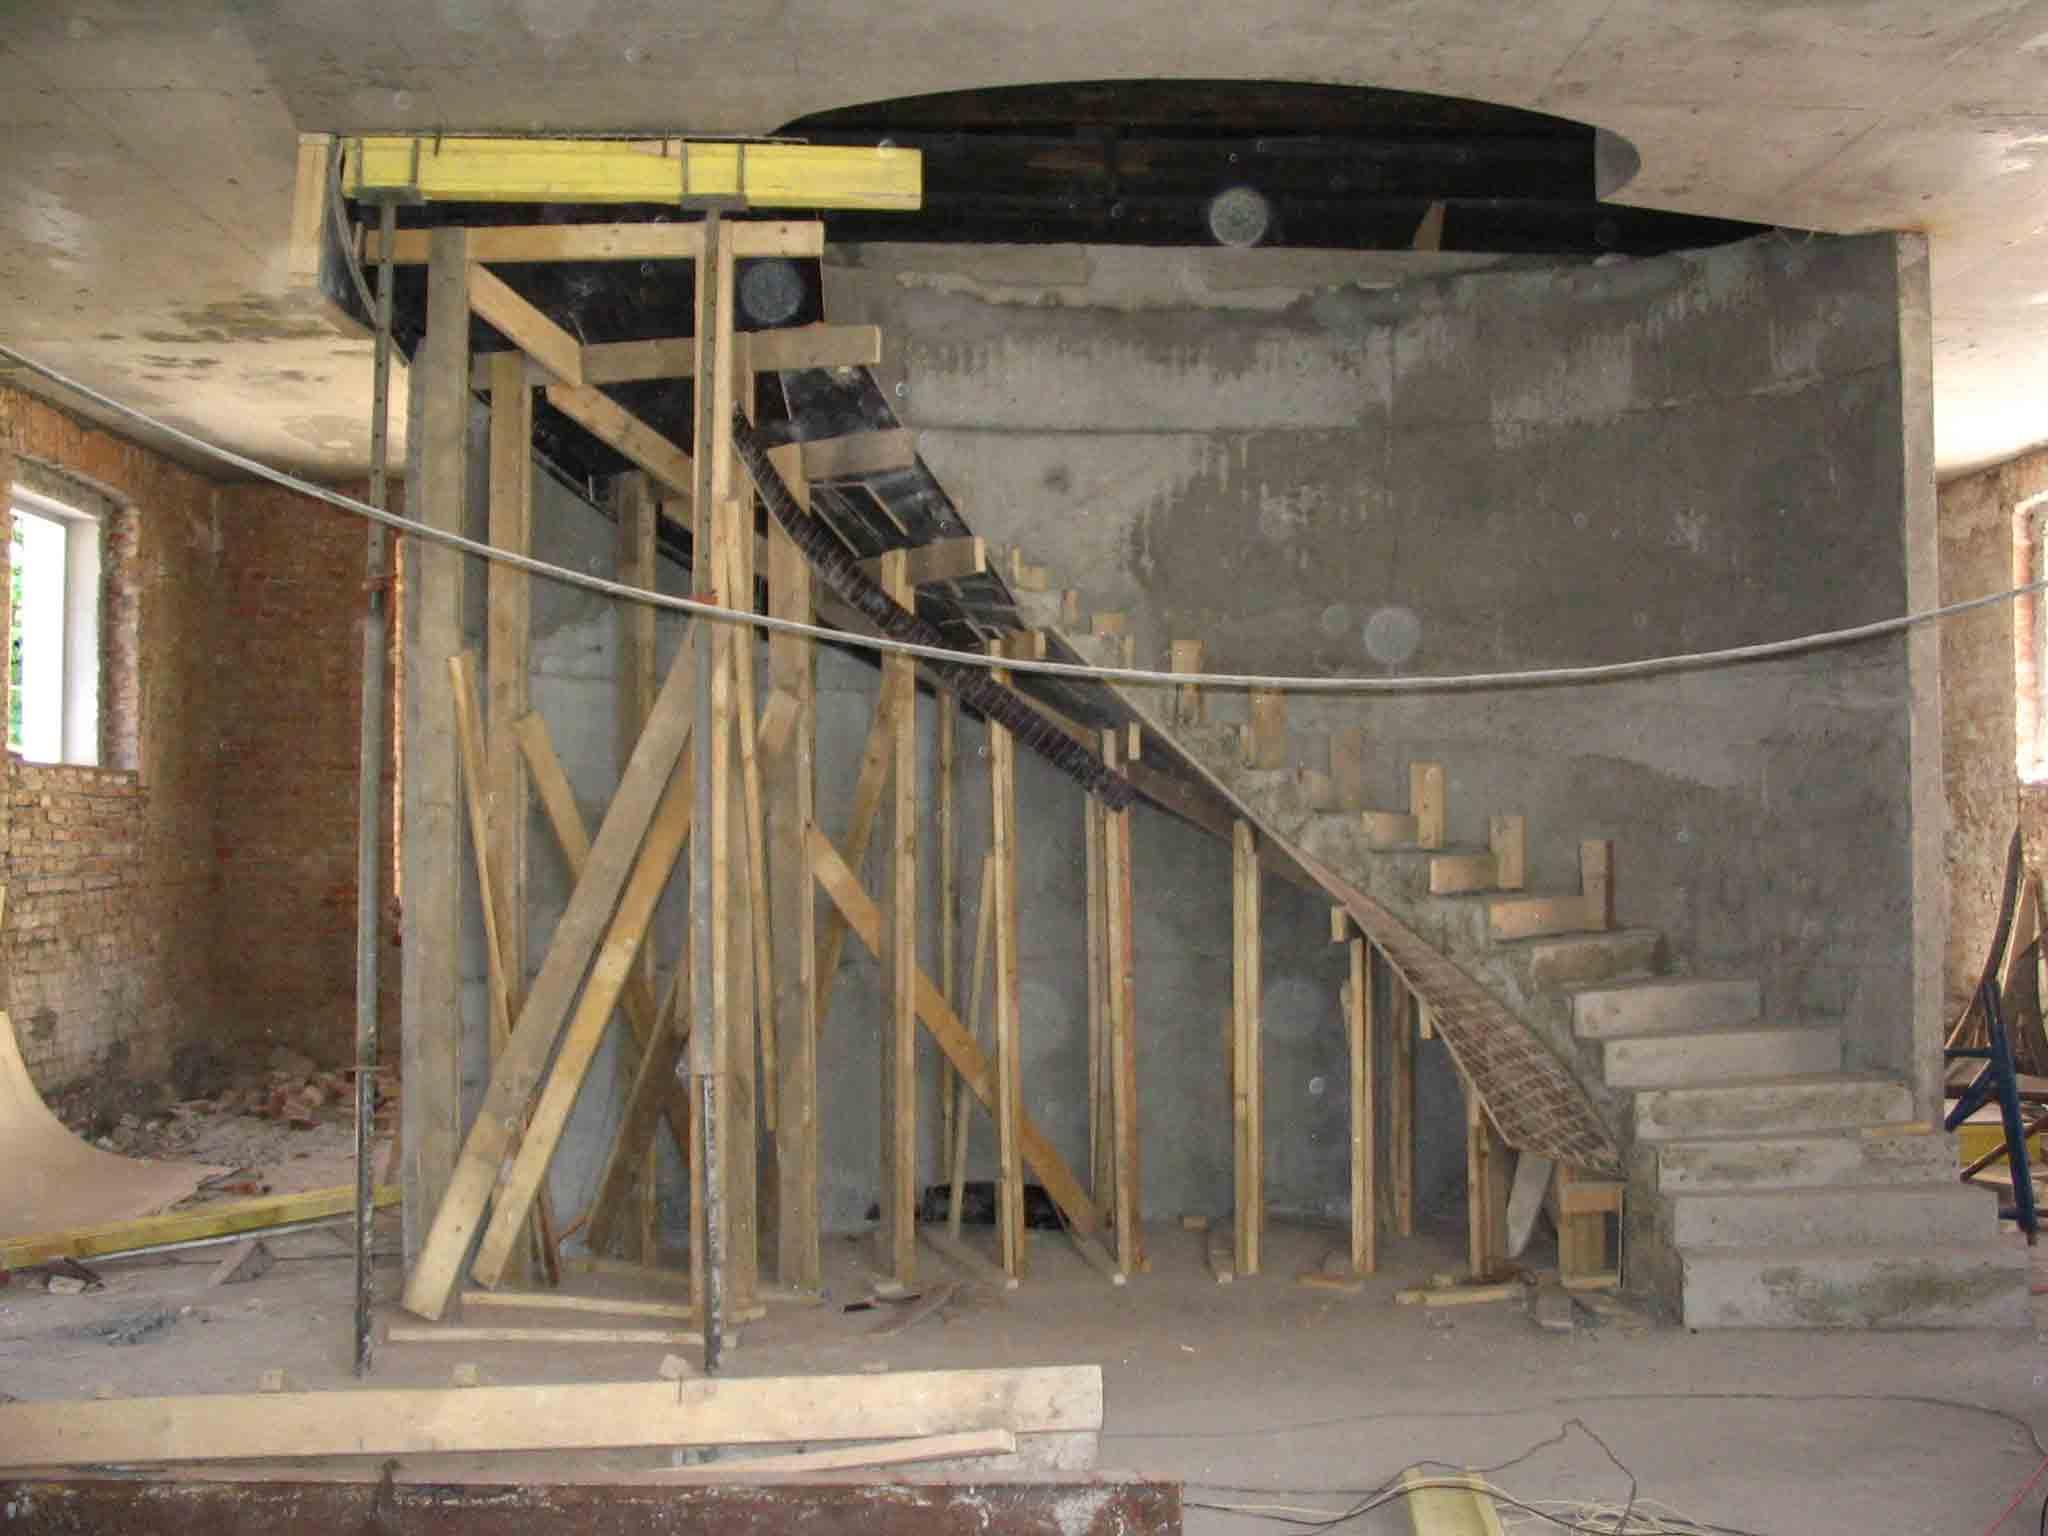 строительство и реконструкция фото 4